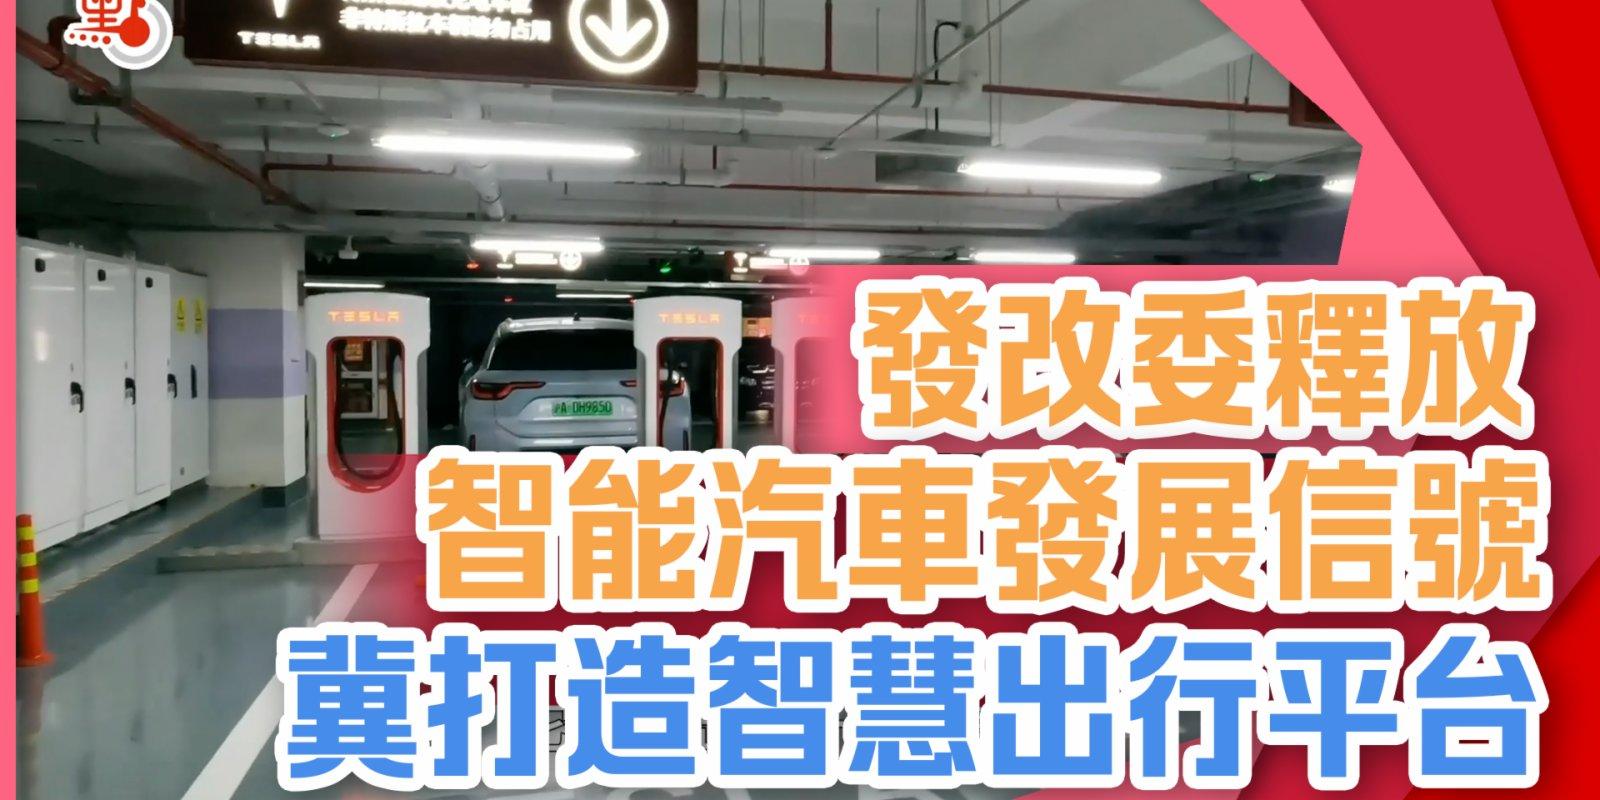 發改委釋放智能汽車發展信號 冀打造智慧出行平台「車城網」